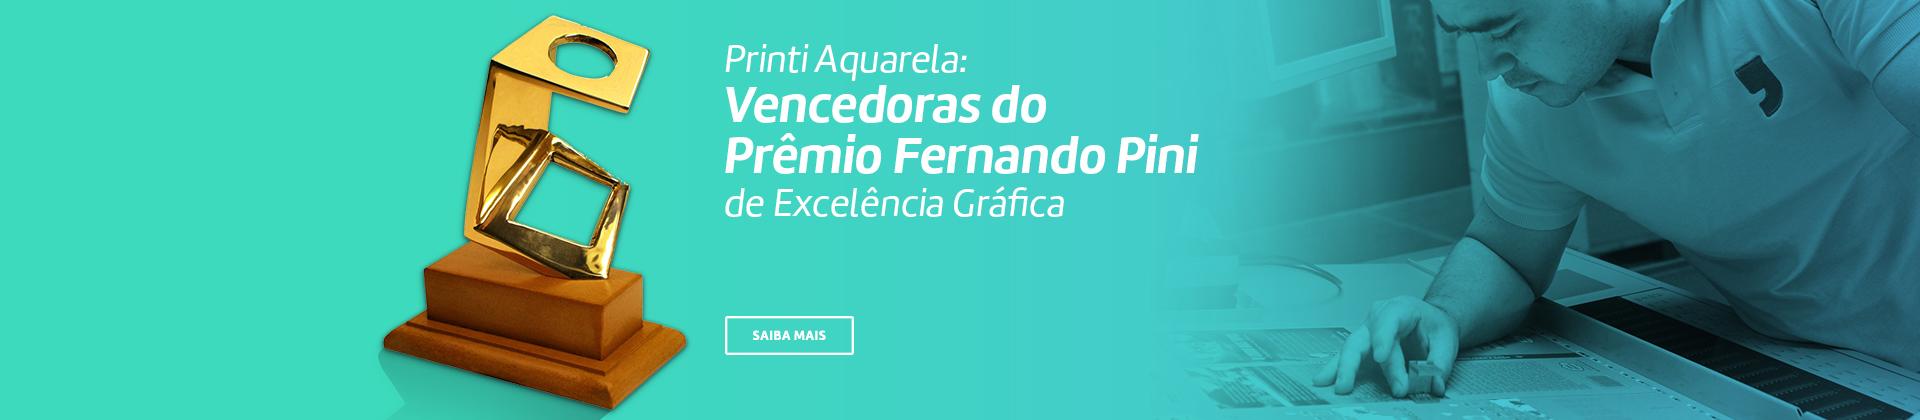 Printi Aquarela: Vencedoras do Prêmio Fernando Pini